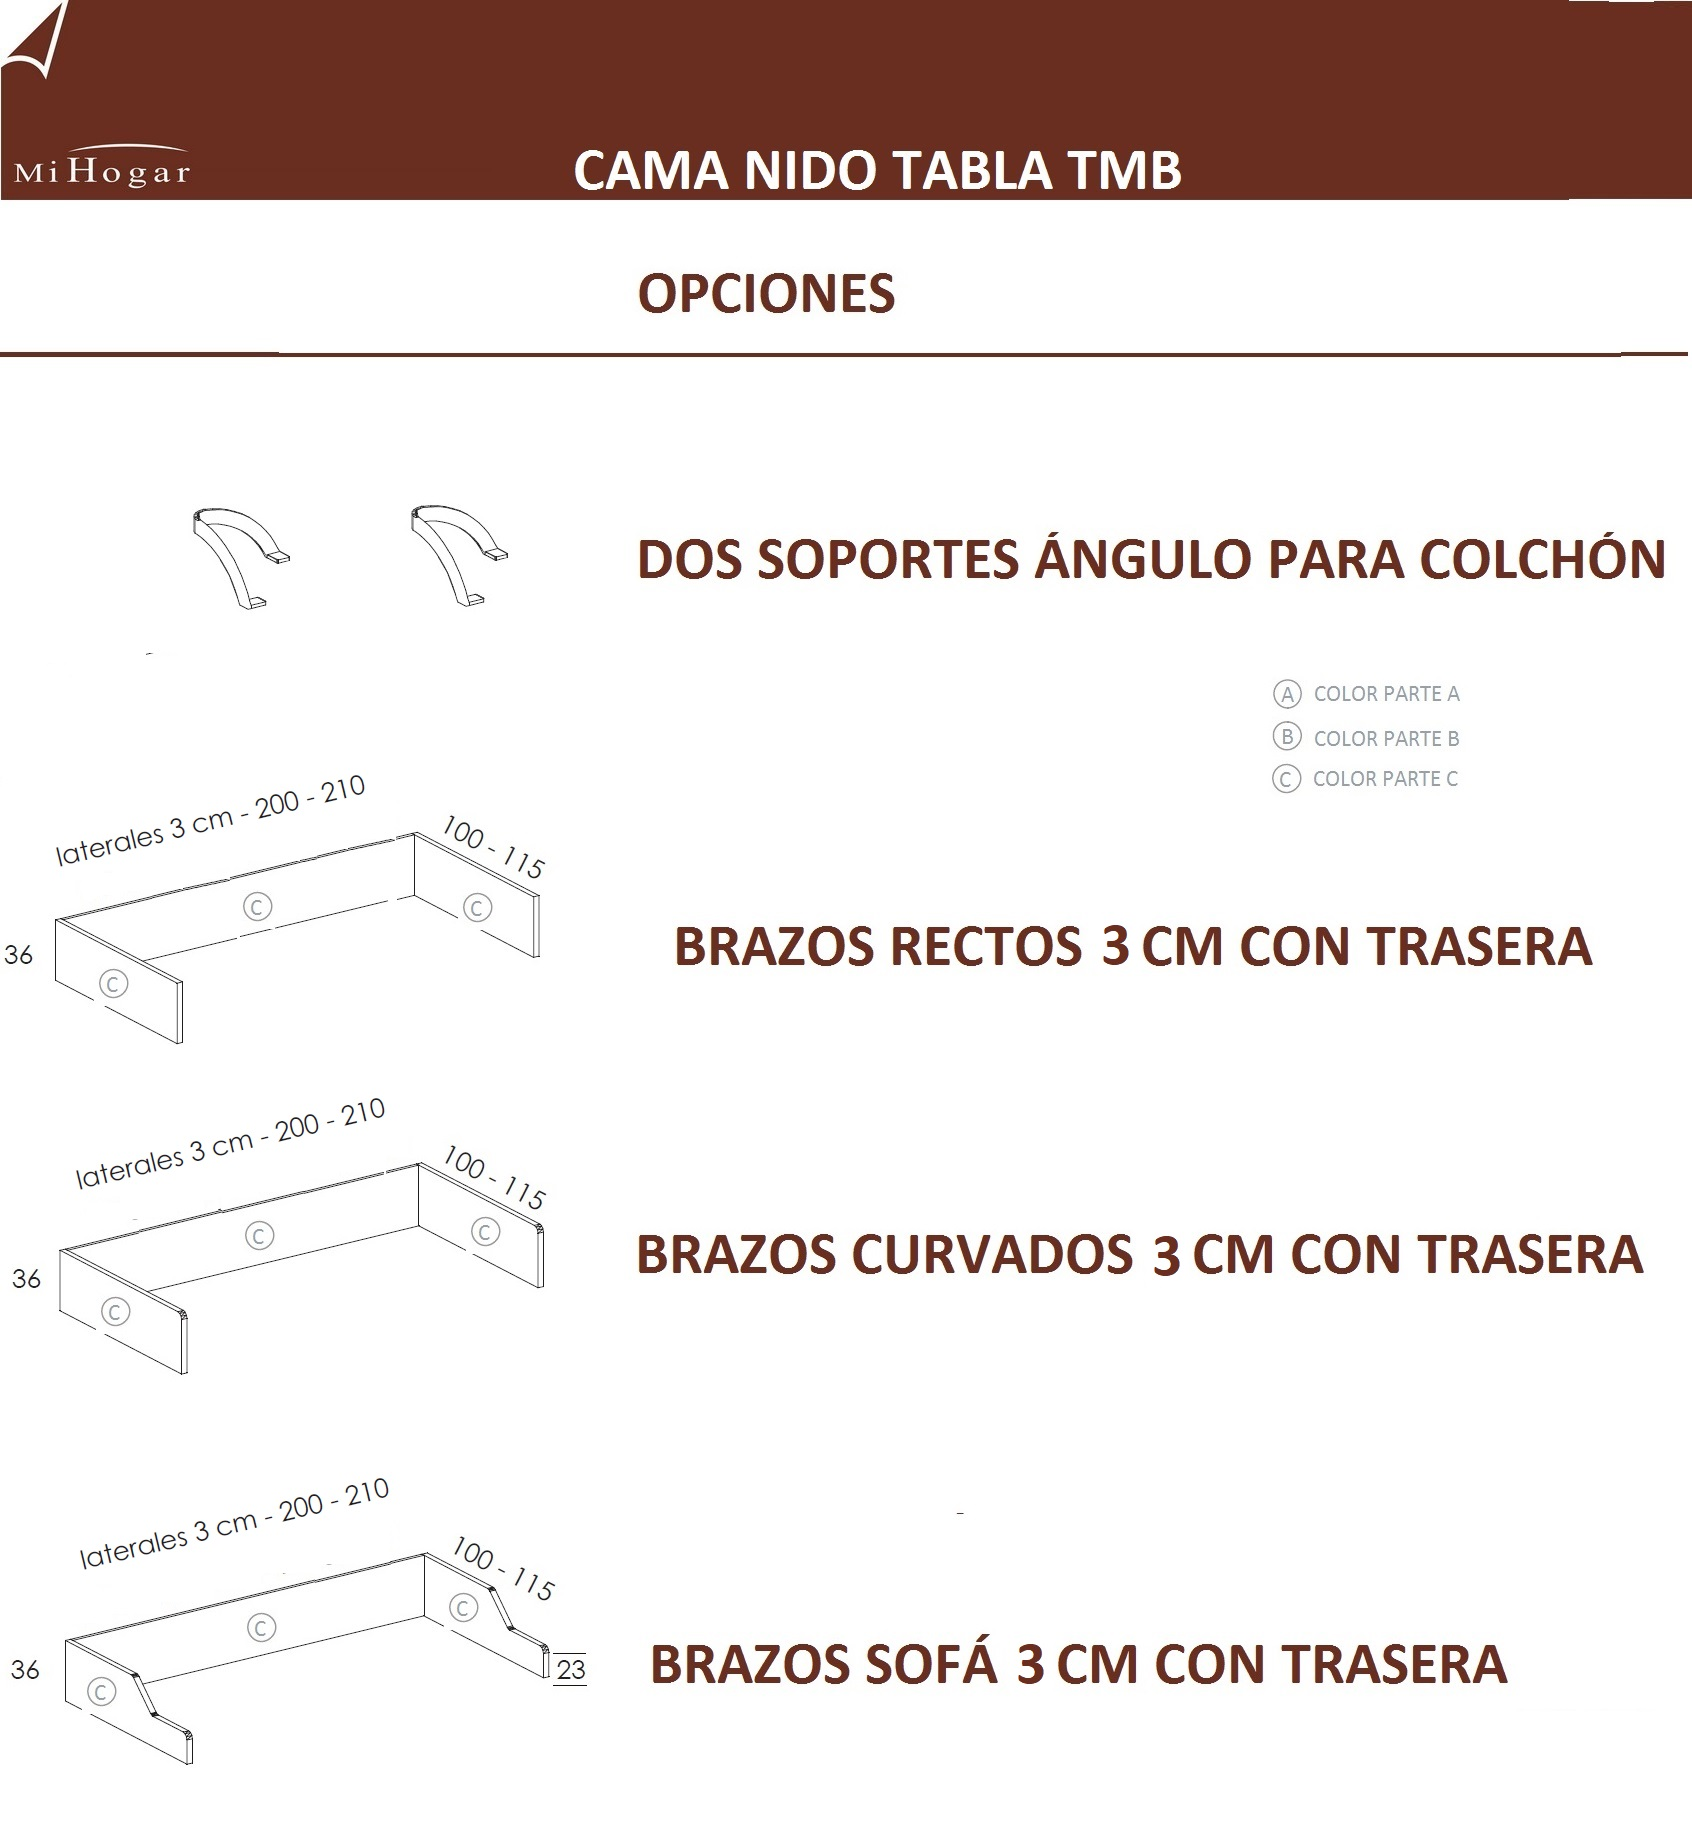 Cama nido tabla tmb muebles mi hogar for Medida estandar de colchon de una plaza